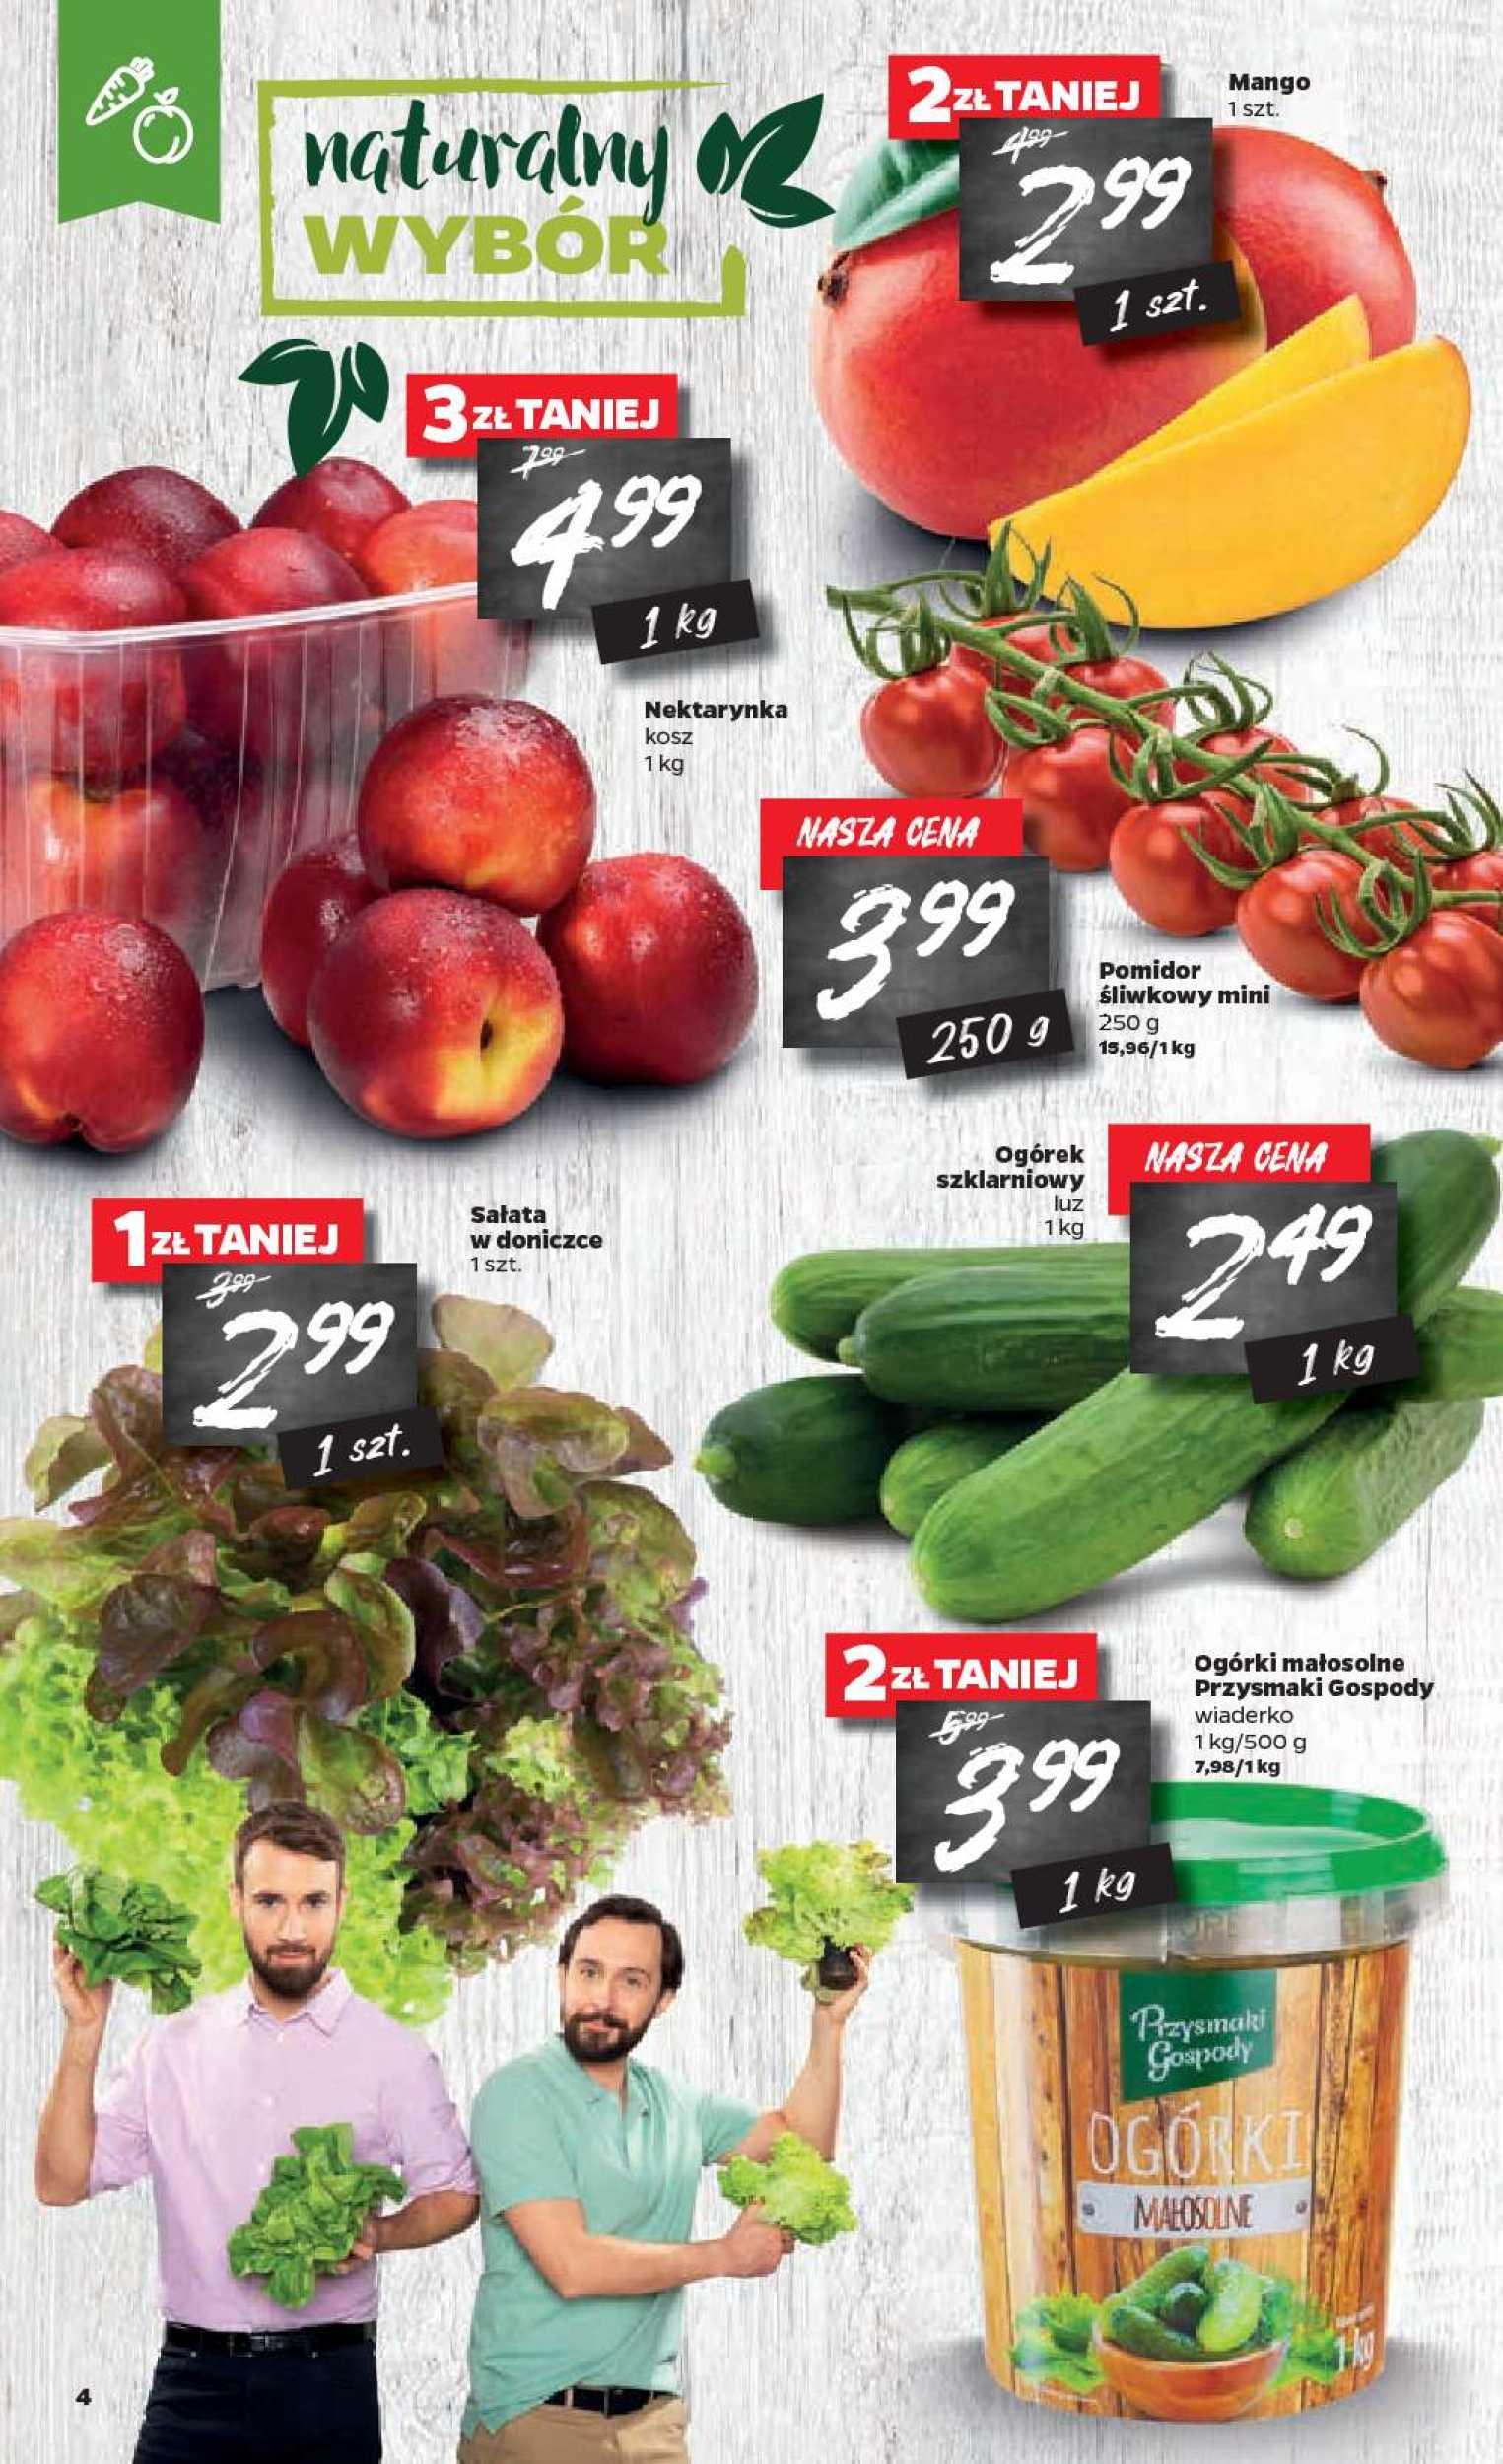 Artykuły spożywcze / strona 4 z 16